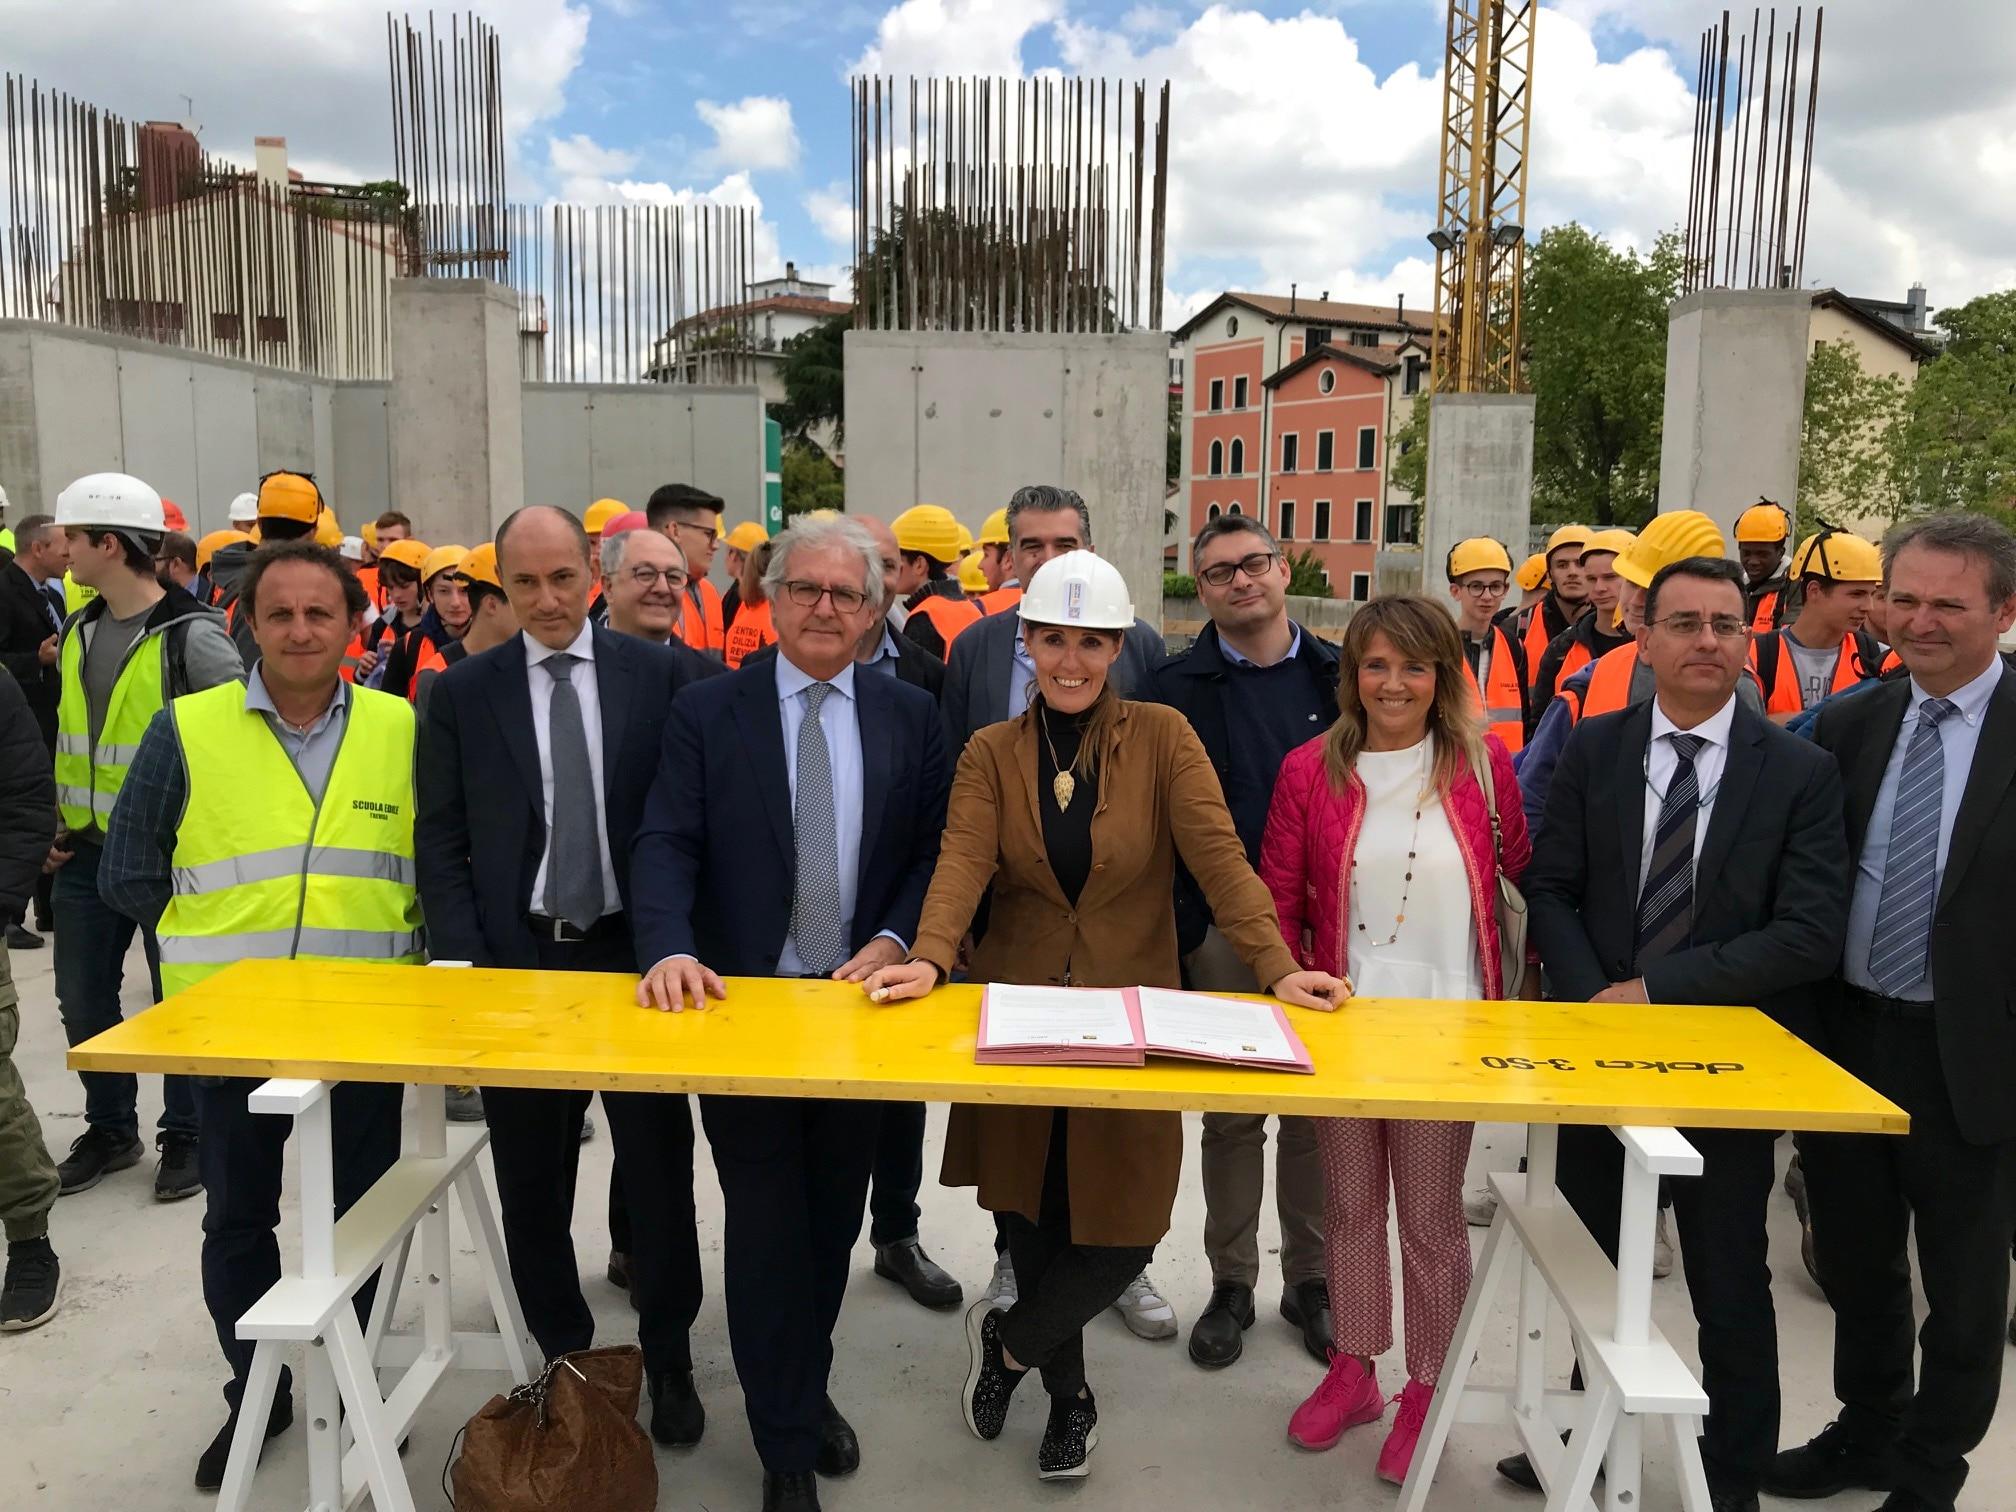 Imprese Edili Nel Veneto firmato il patto tra regione e costruttori: investimenti